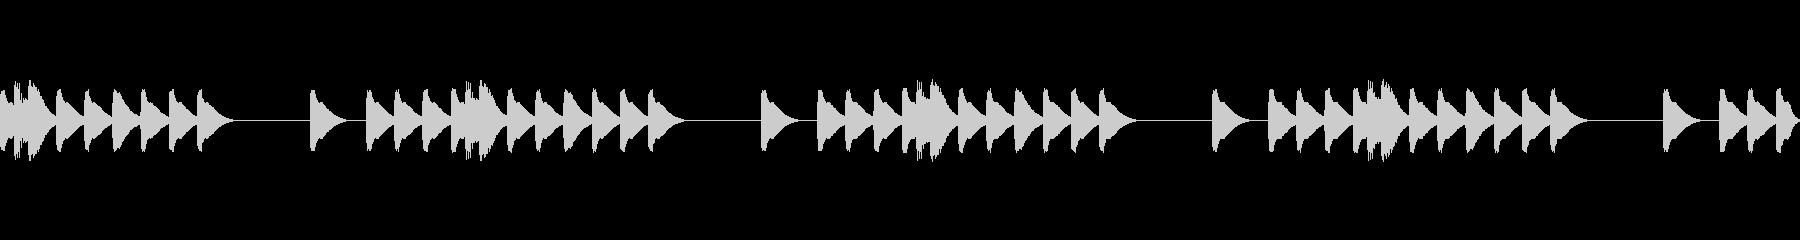 かわいいスマホ着信音 マリンバの未再生の波形